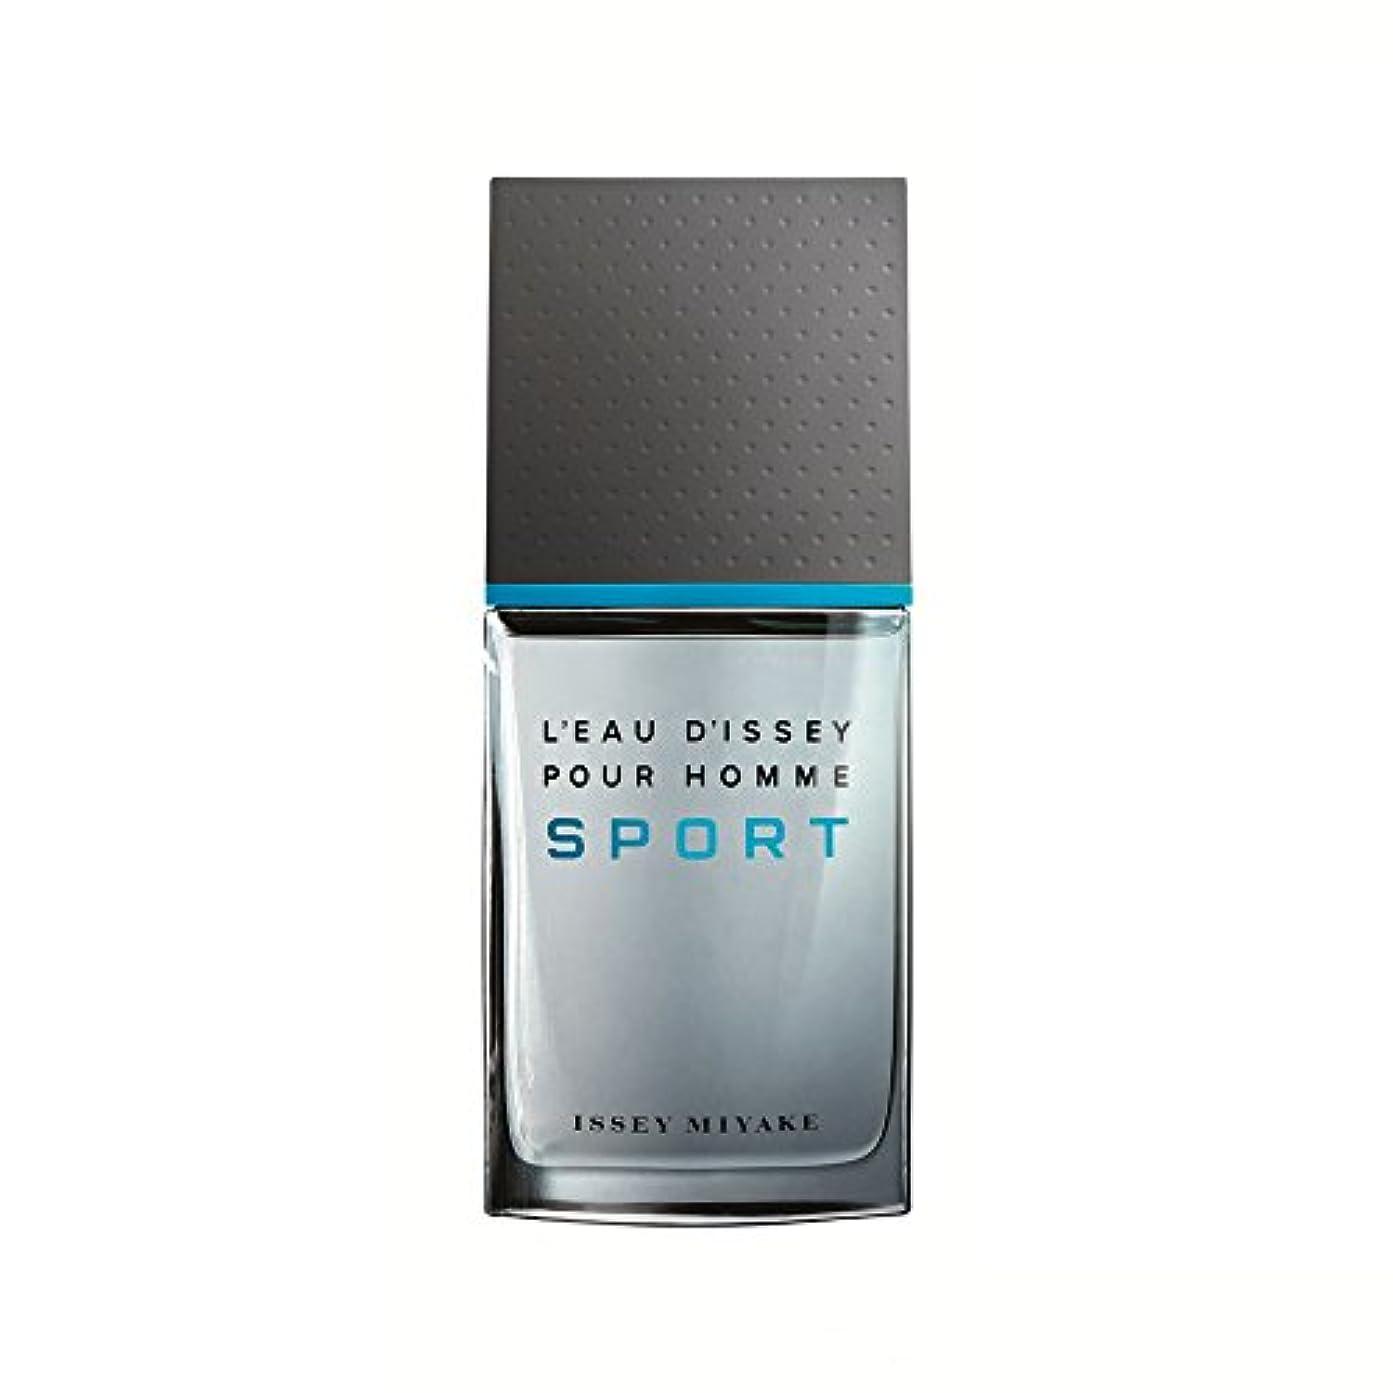 ガイドライン名前届けるイッセイミヤケ ロードゥイッセイ プール オム スポーツ EDT SP100ml/3.3oz並行輸入品